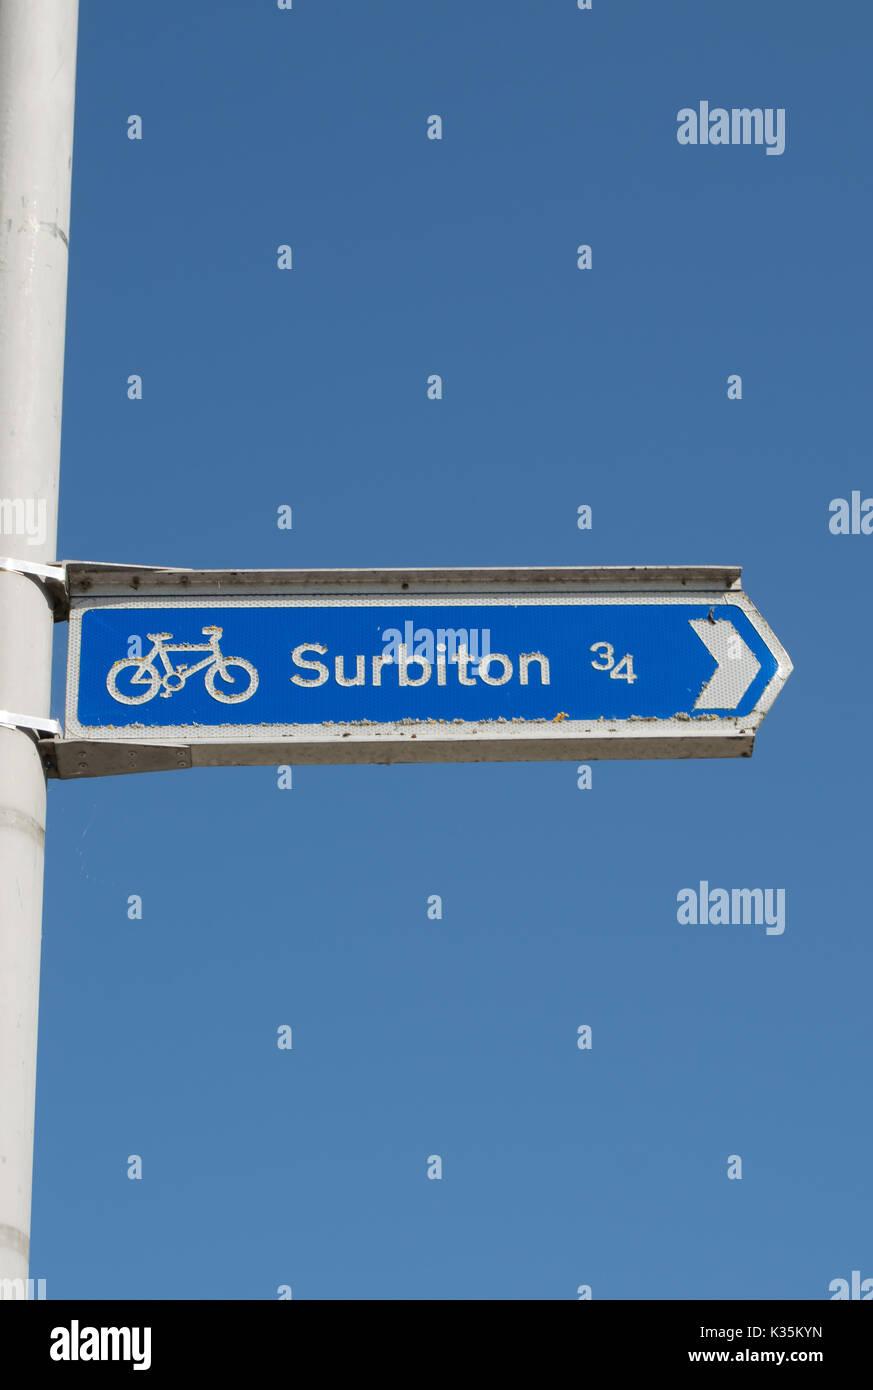 Rivolta a destra percorso ciclo segno dato la direzione e la distanza a Surbiton Surrey, Inghilterra Immagini Stock